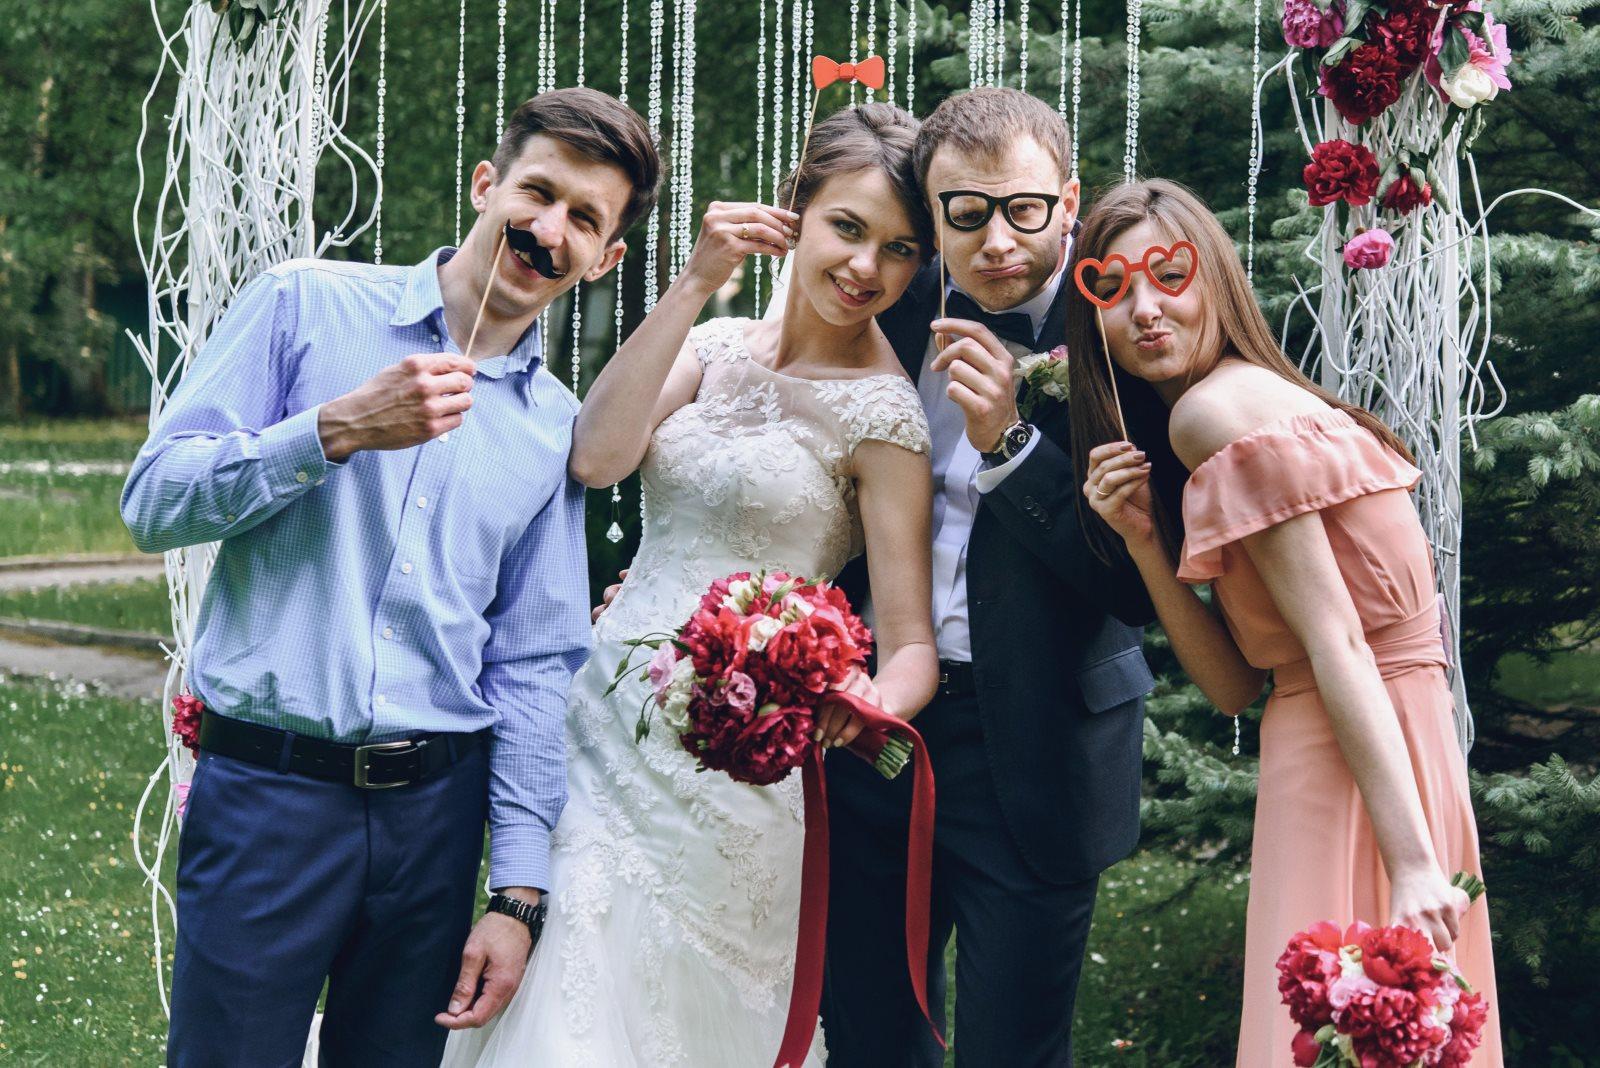 Jak się powinien ubrać facet na wesele jako osoba towarzysząca?